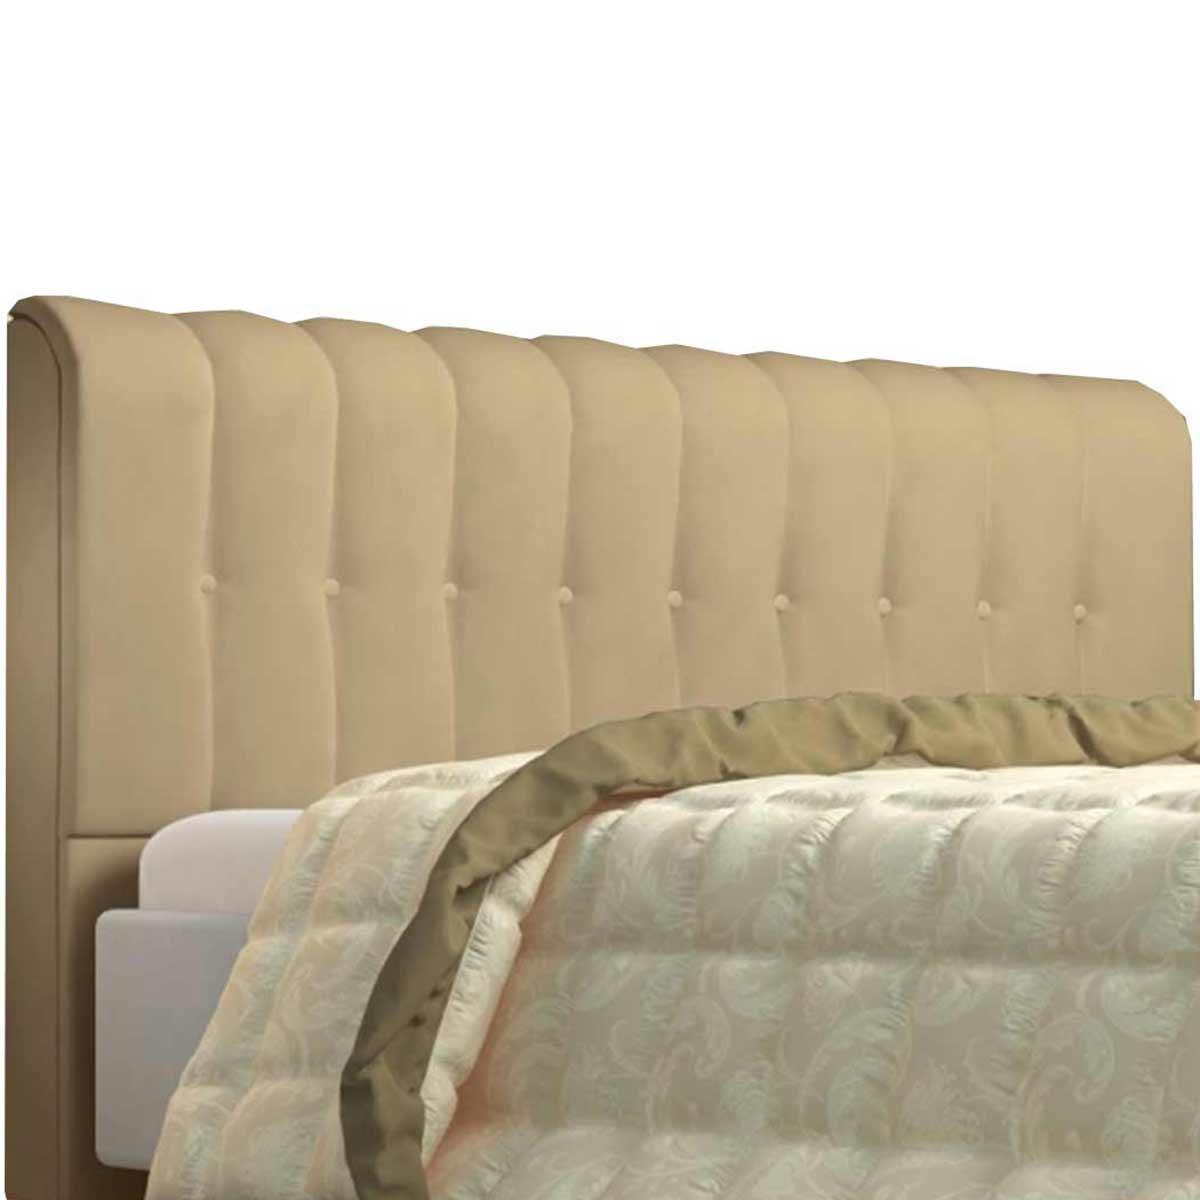 Cabeceira Casal Estofada Kiara 140 cm Corino Maple